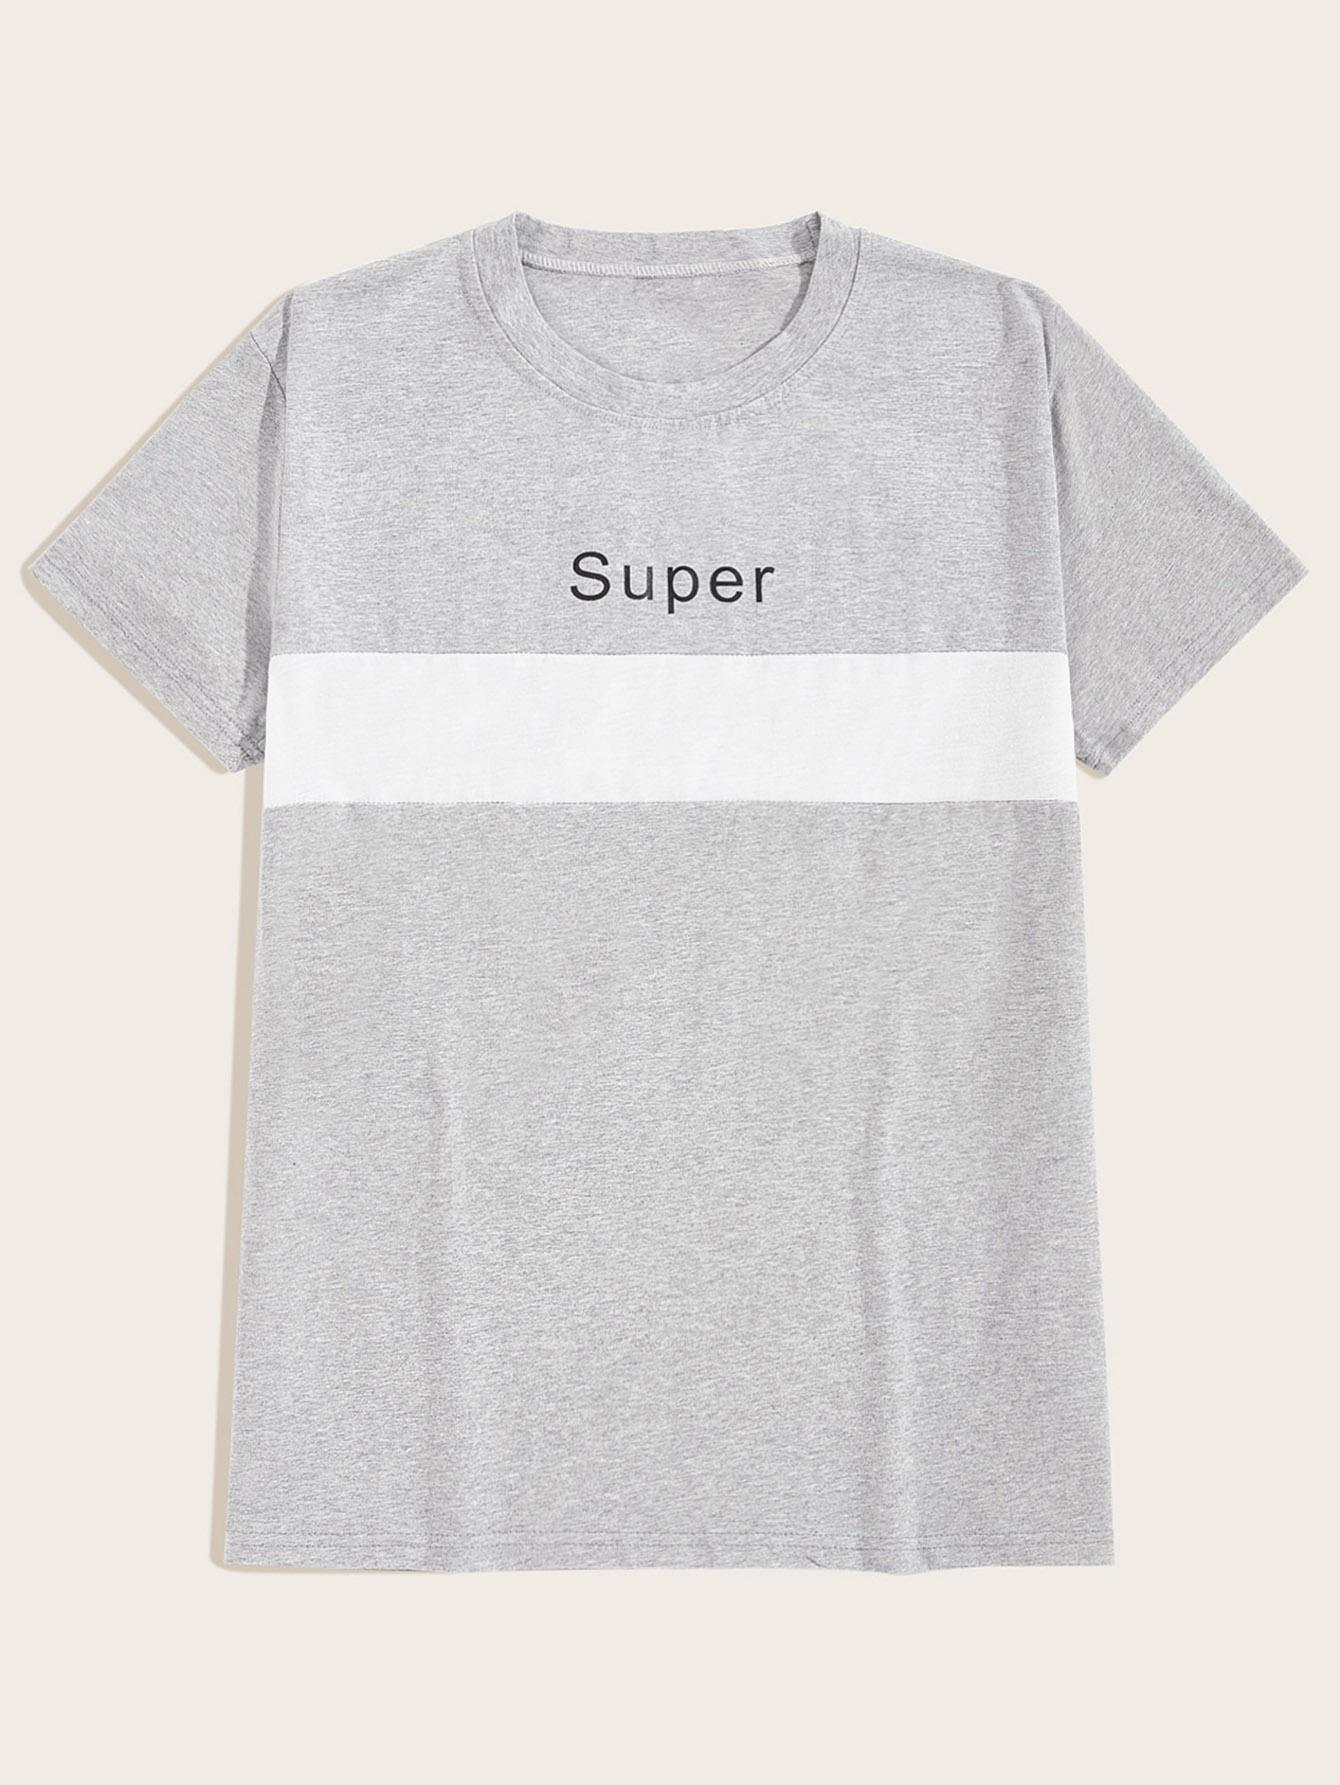 Фото - Мужская контрастная футболка с текстовым принтом от SheIn серого цвета